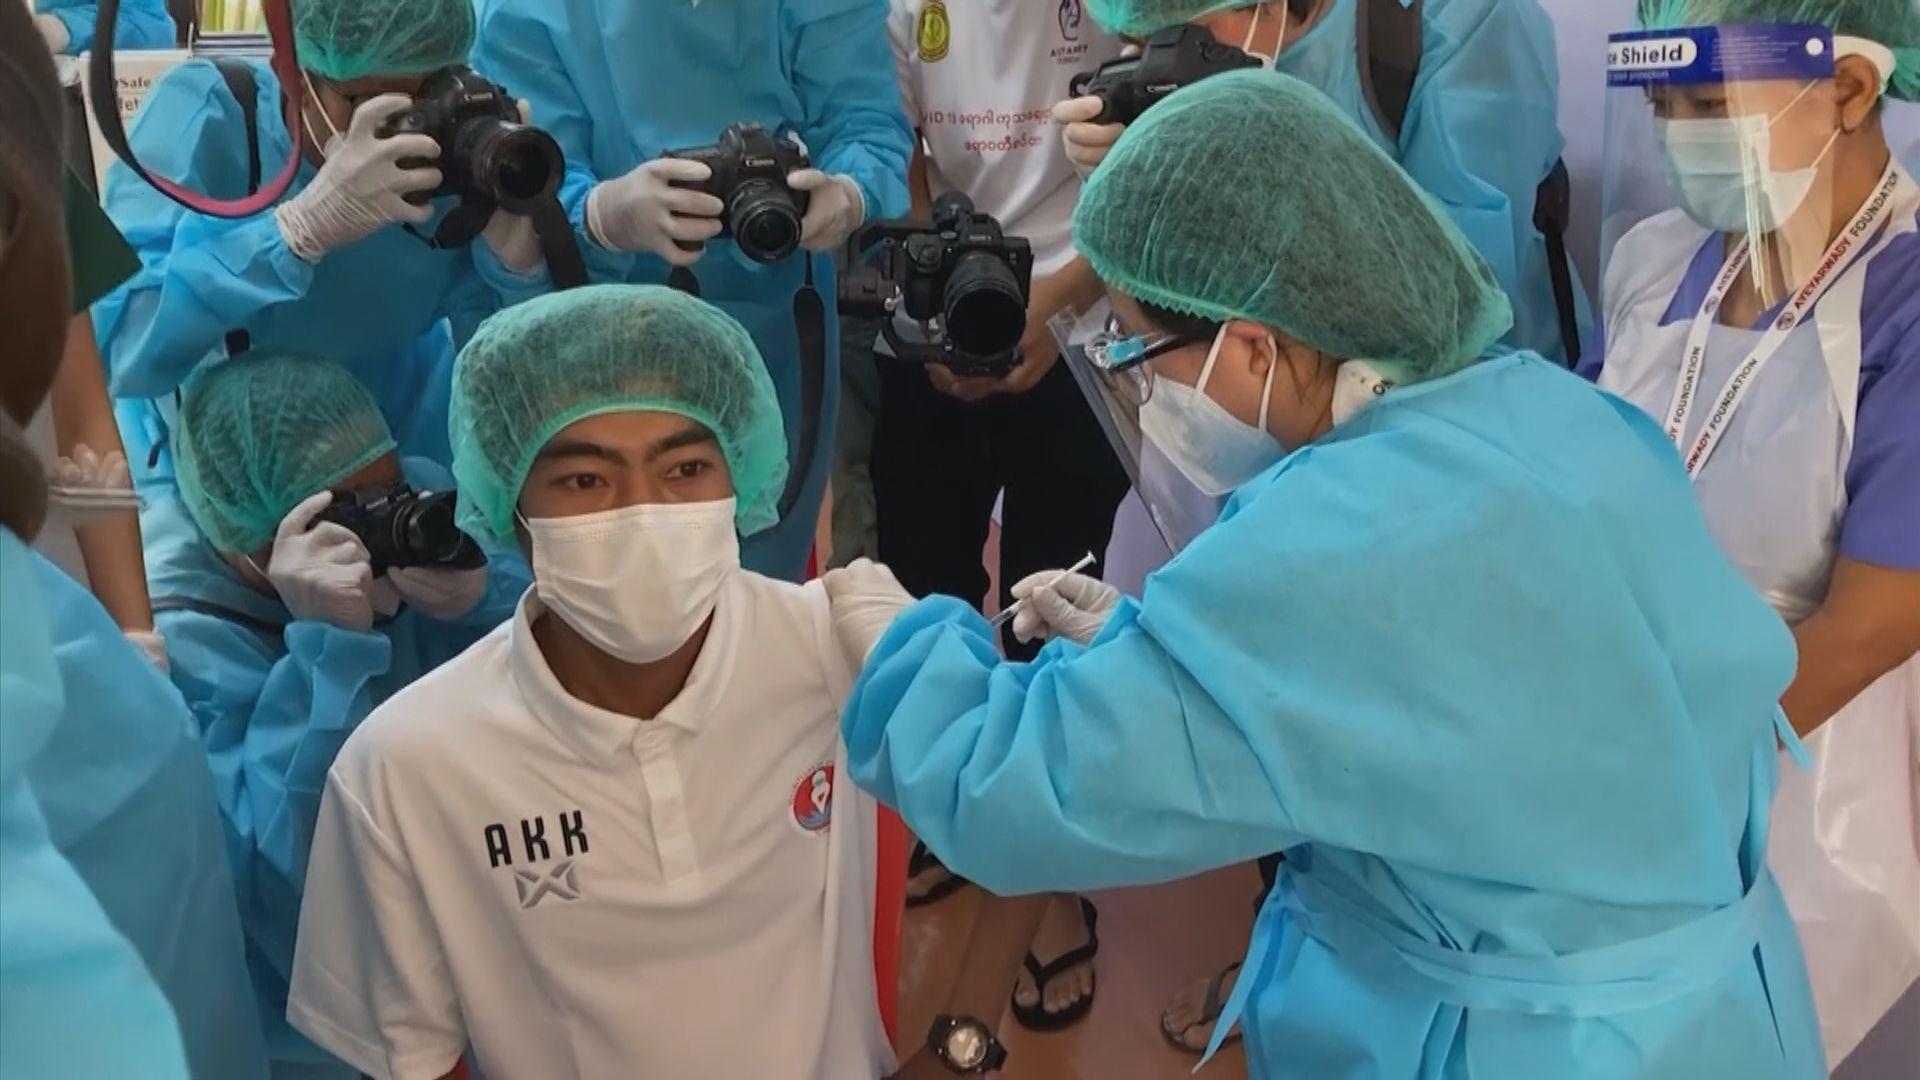 緬甸疫情持續嚴峻 軍政府誘捕公民抗命醫生